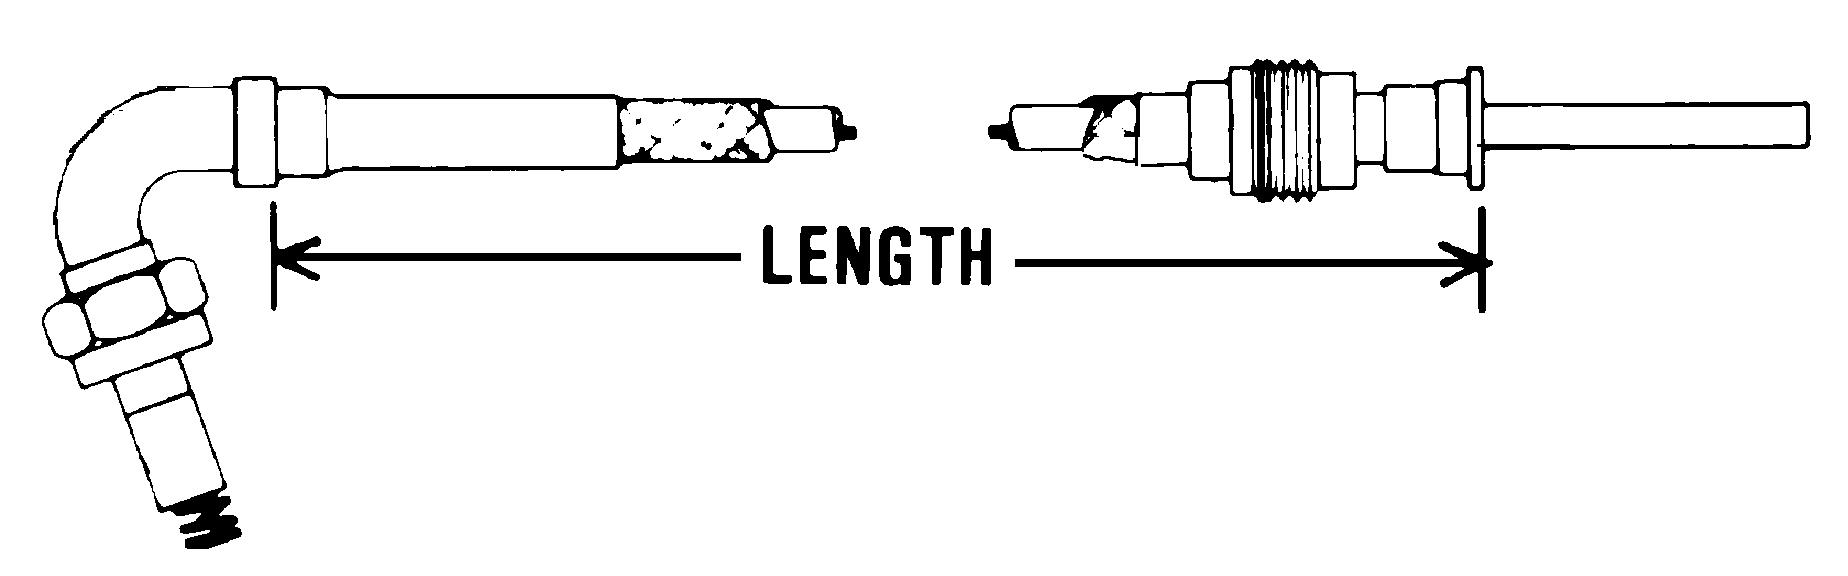 shielded-ignition-lead-model-101.jpg